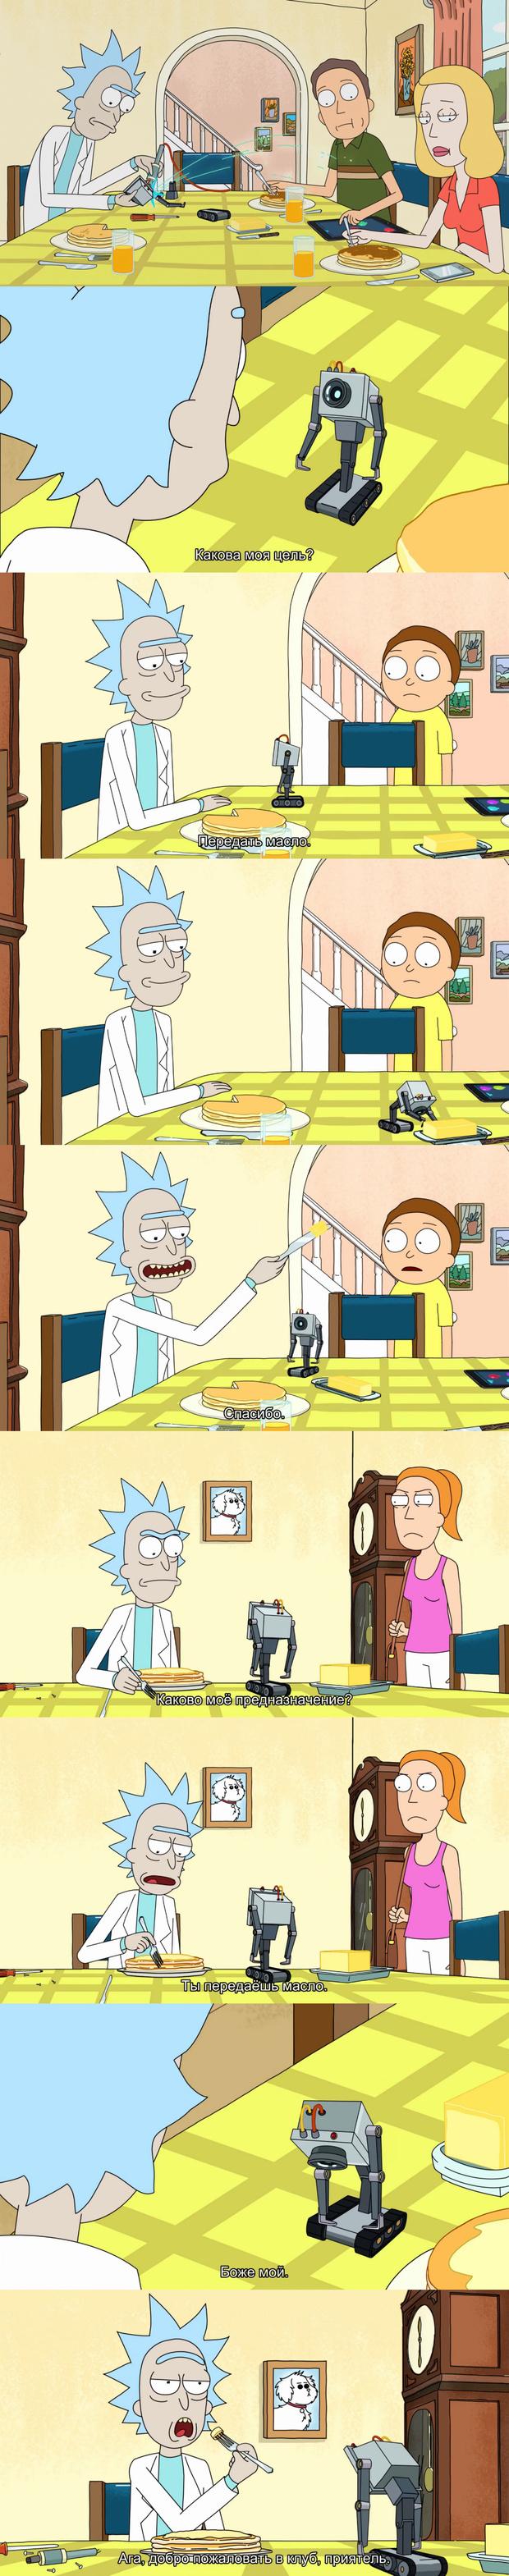 Фото №5 - 10 причин немедленно начать смотреть сериал «Рик и Морти»